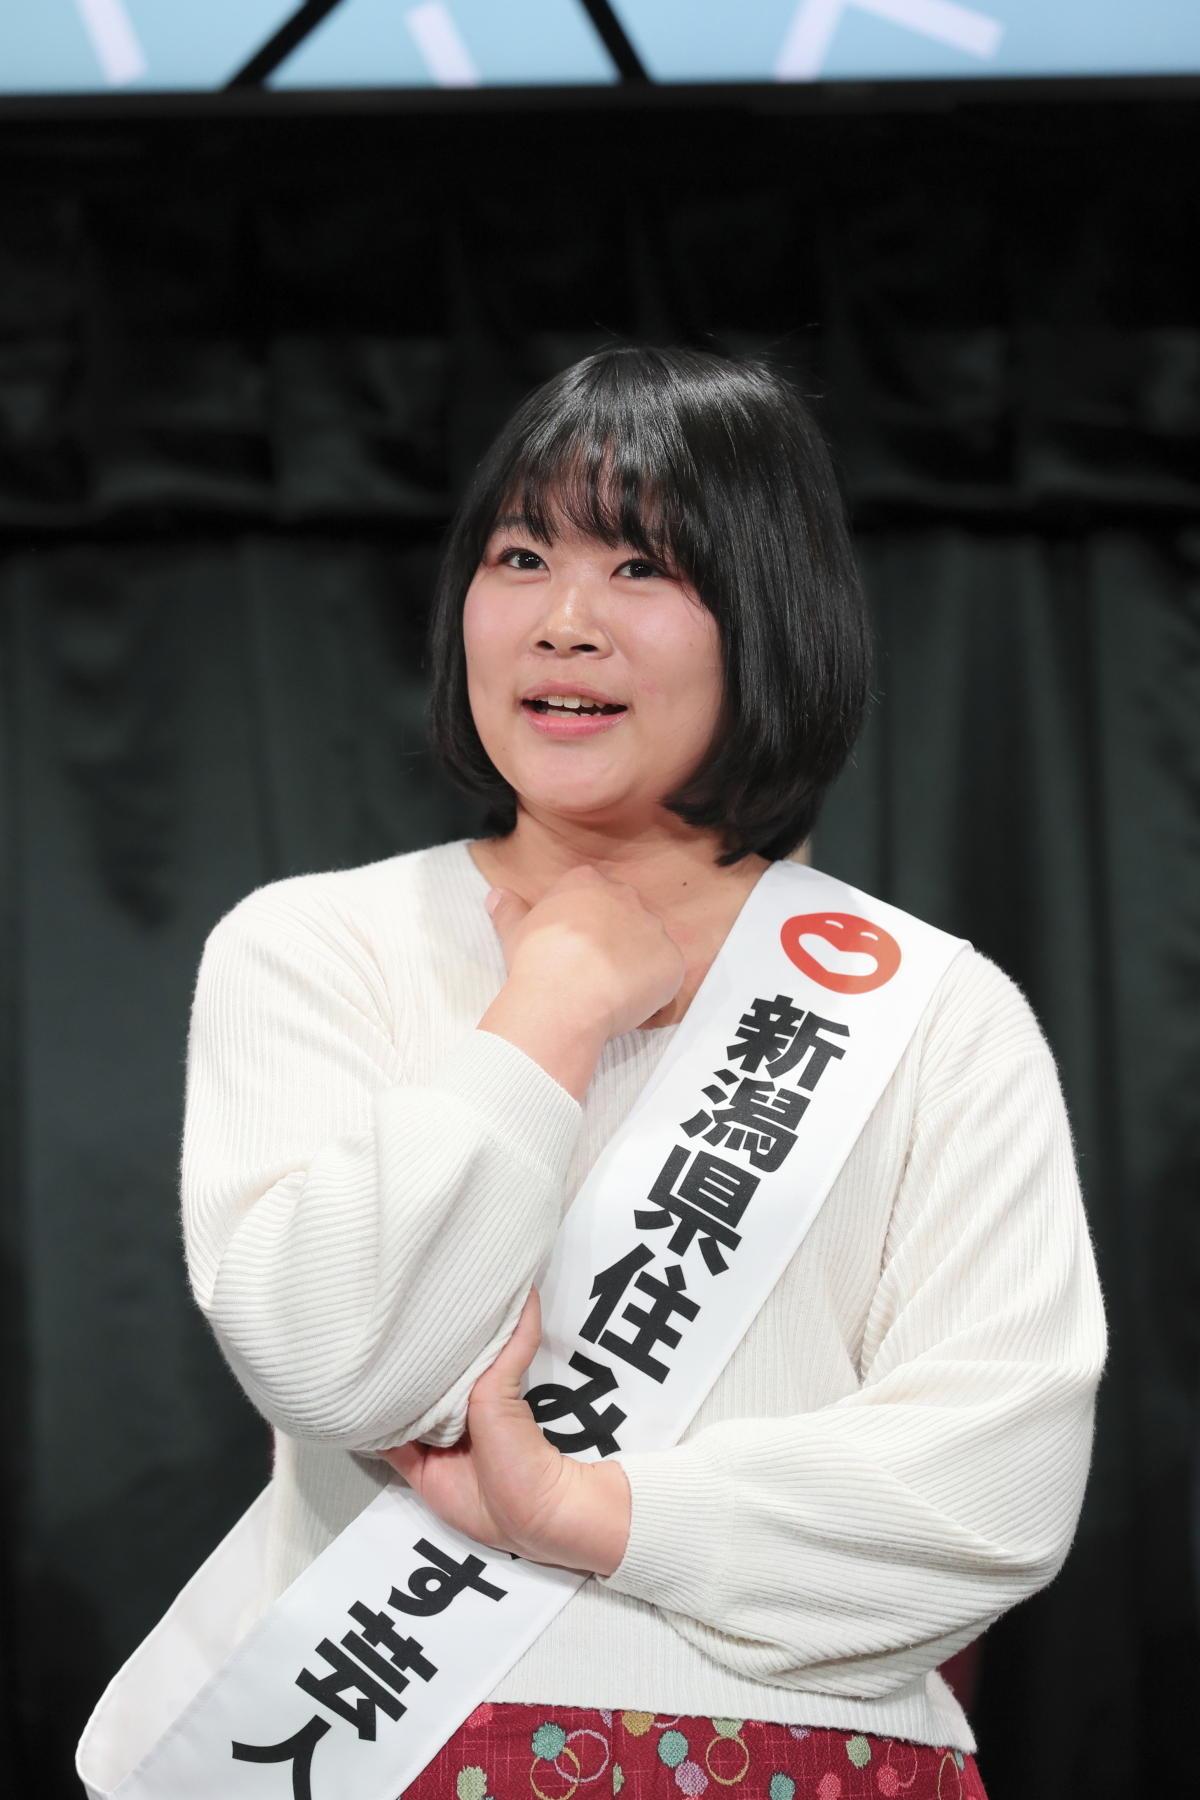 http://news.yoshimoto.co.jp/20190120185317-a277e60ca16ec8f087744c9def5e03c9e6814afe.jpg